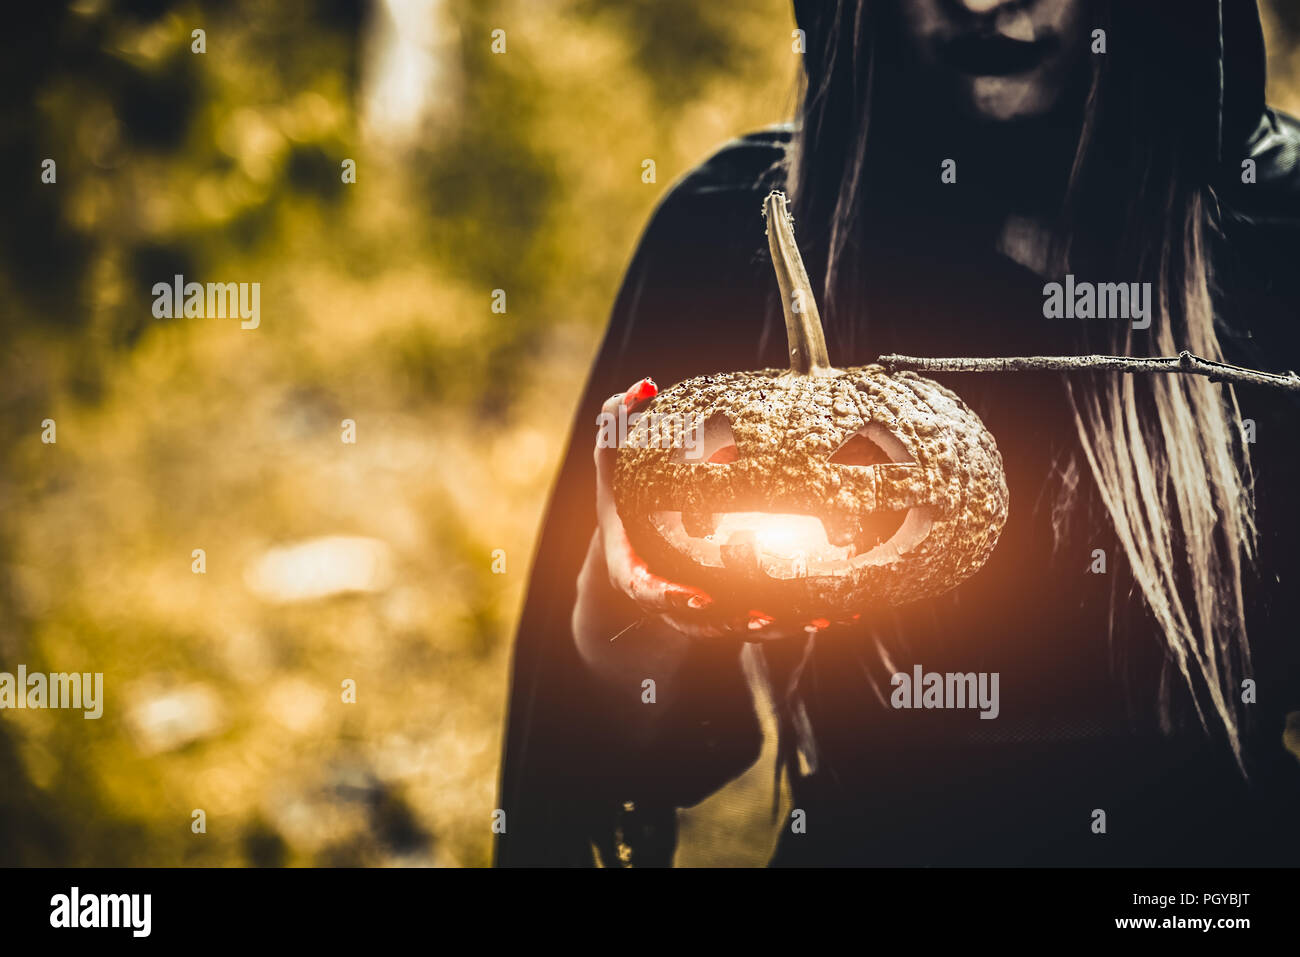 Hexe Kürbis Laterne in der Hand. Alte Frau mit Kürbis in dunklen grünen Wald. Halloween Tag und Geheimnis, das Konzept. Fantasie von Magic Thema. Assistenten und M Stockbild